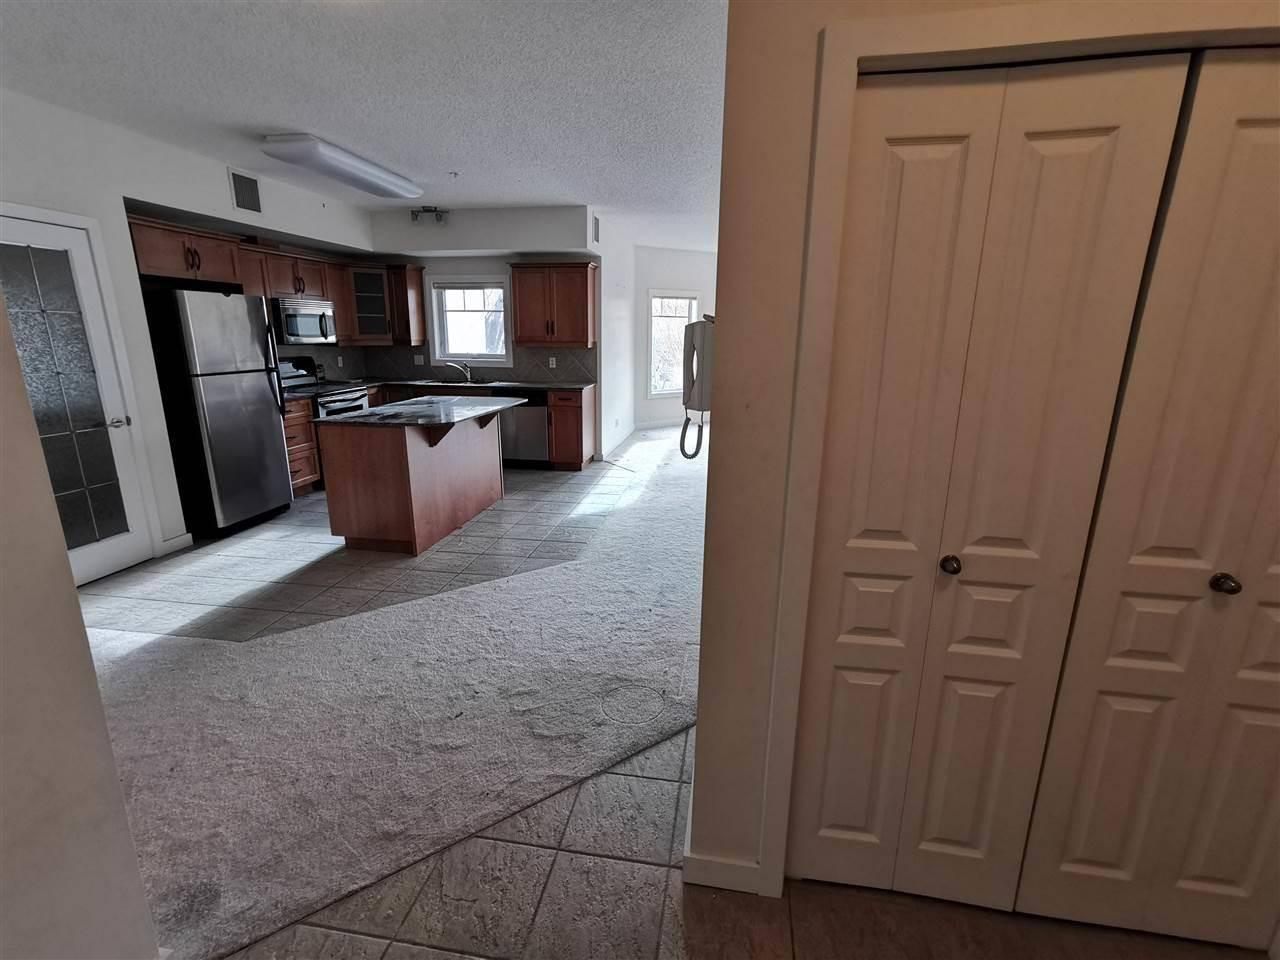 Condo for sale at 5 Gate Ave Unit 202 St. Albert Alberta - MLS: E4185035